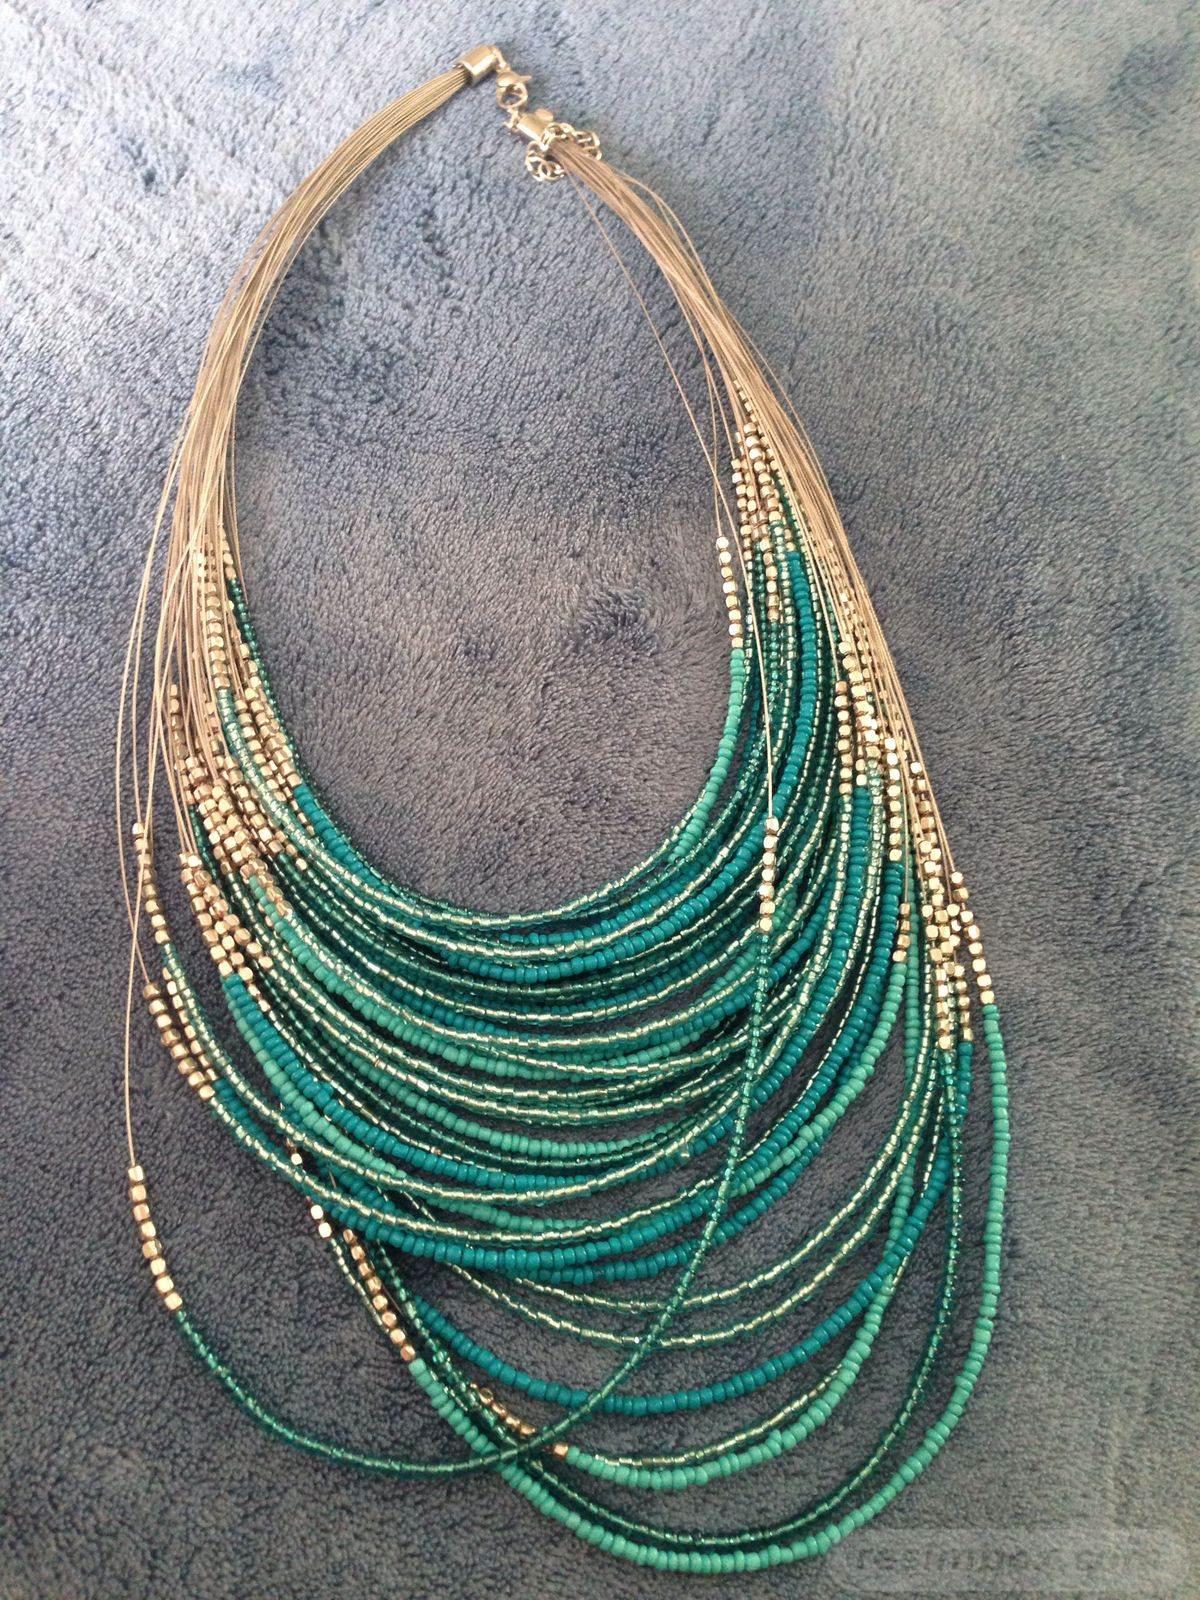 Beaded jewelry-503699539573154942